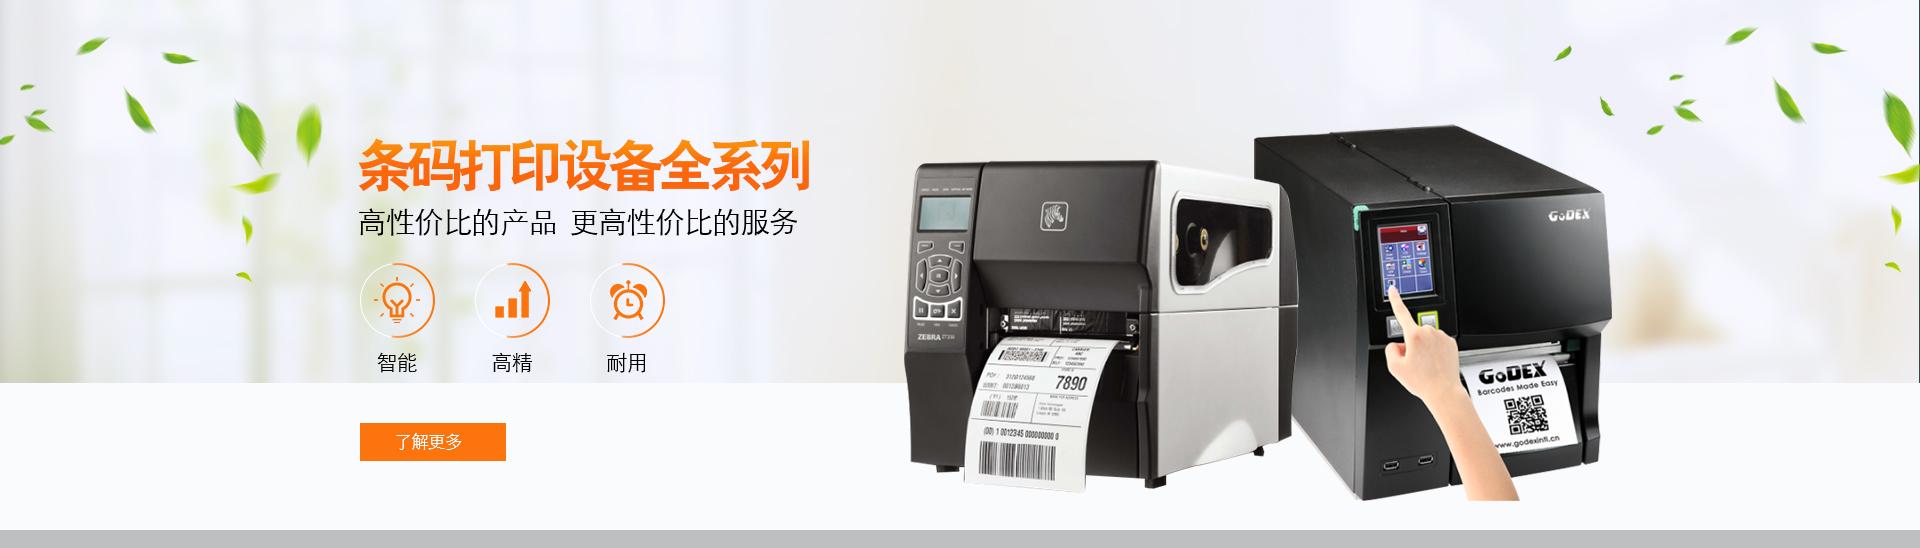 苏州冠码信息技术有限公司